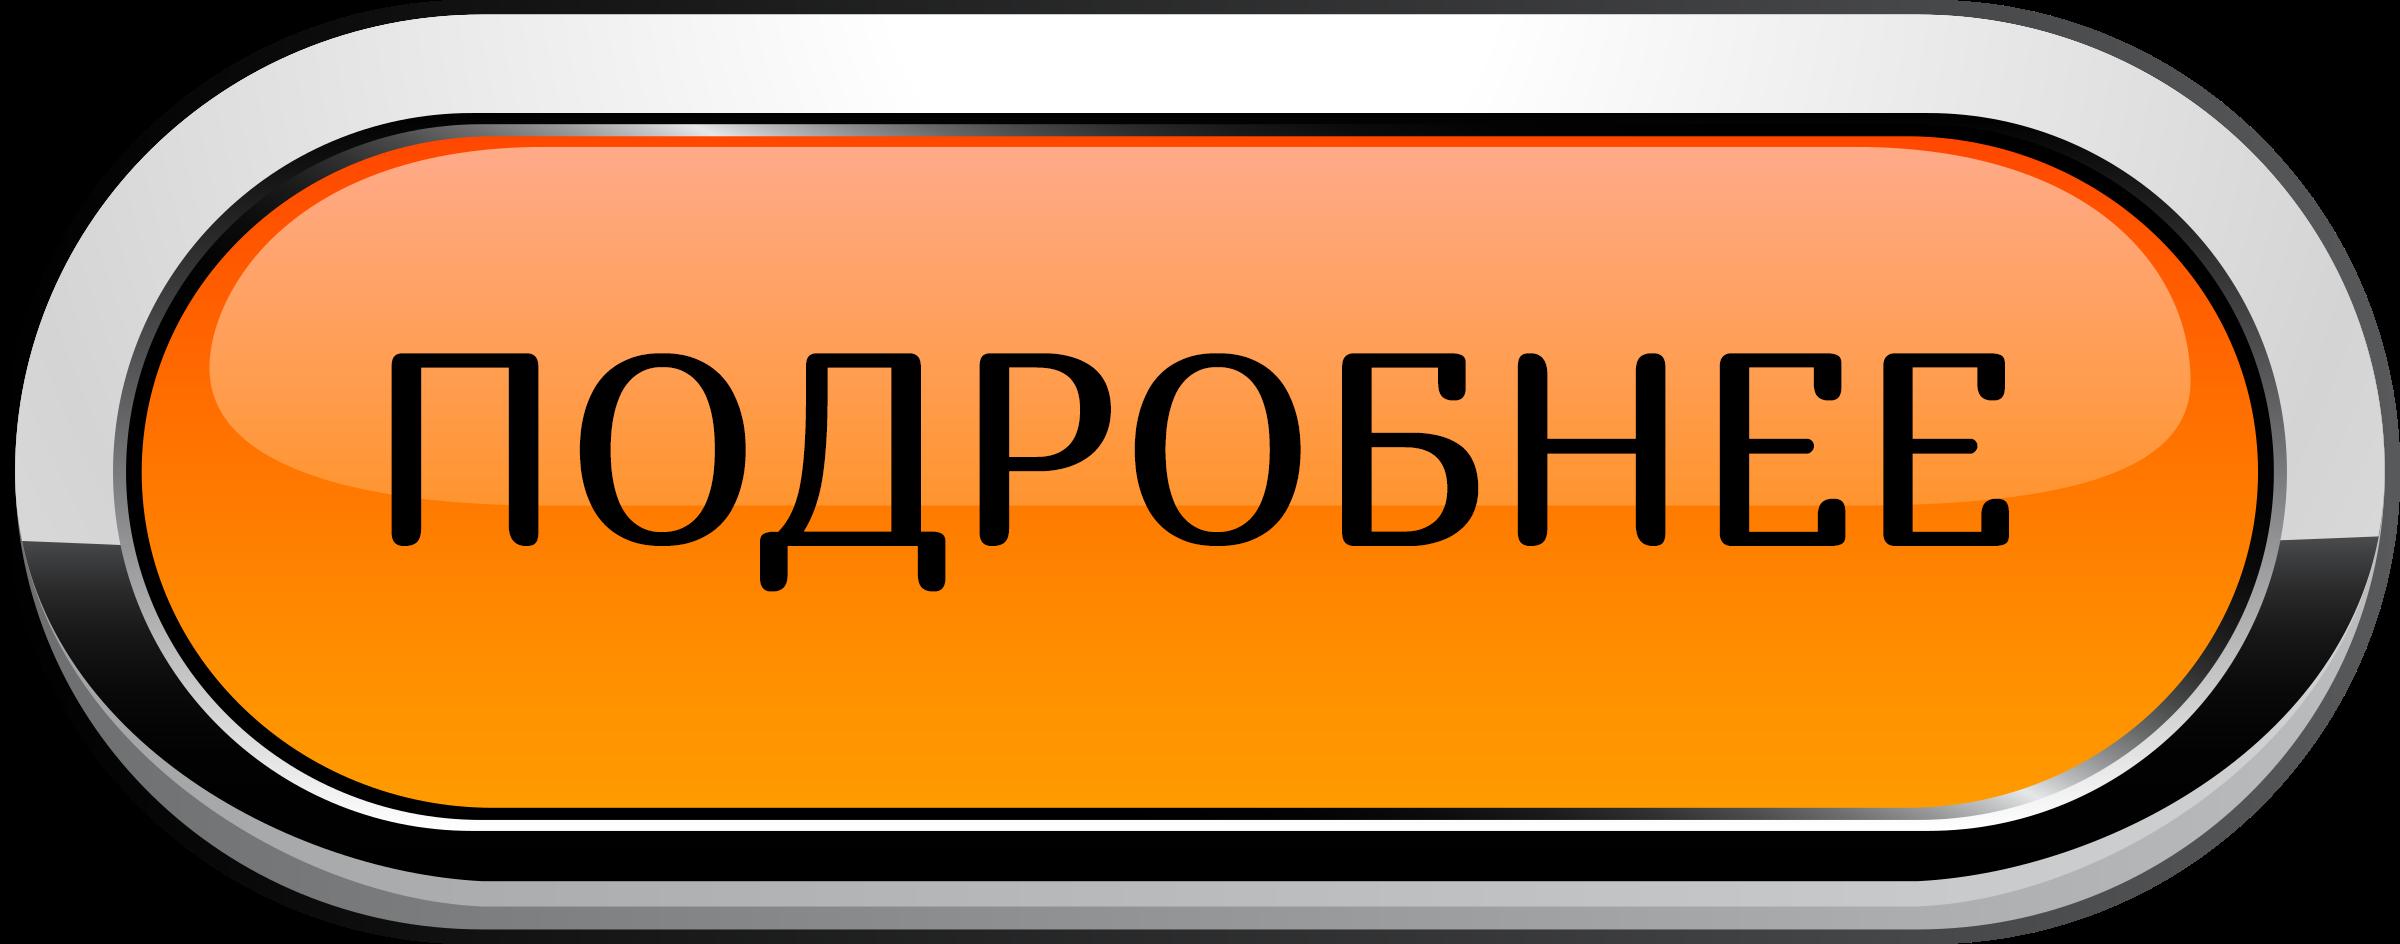 OrangeRoundedButton